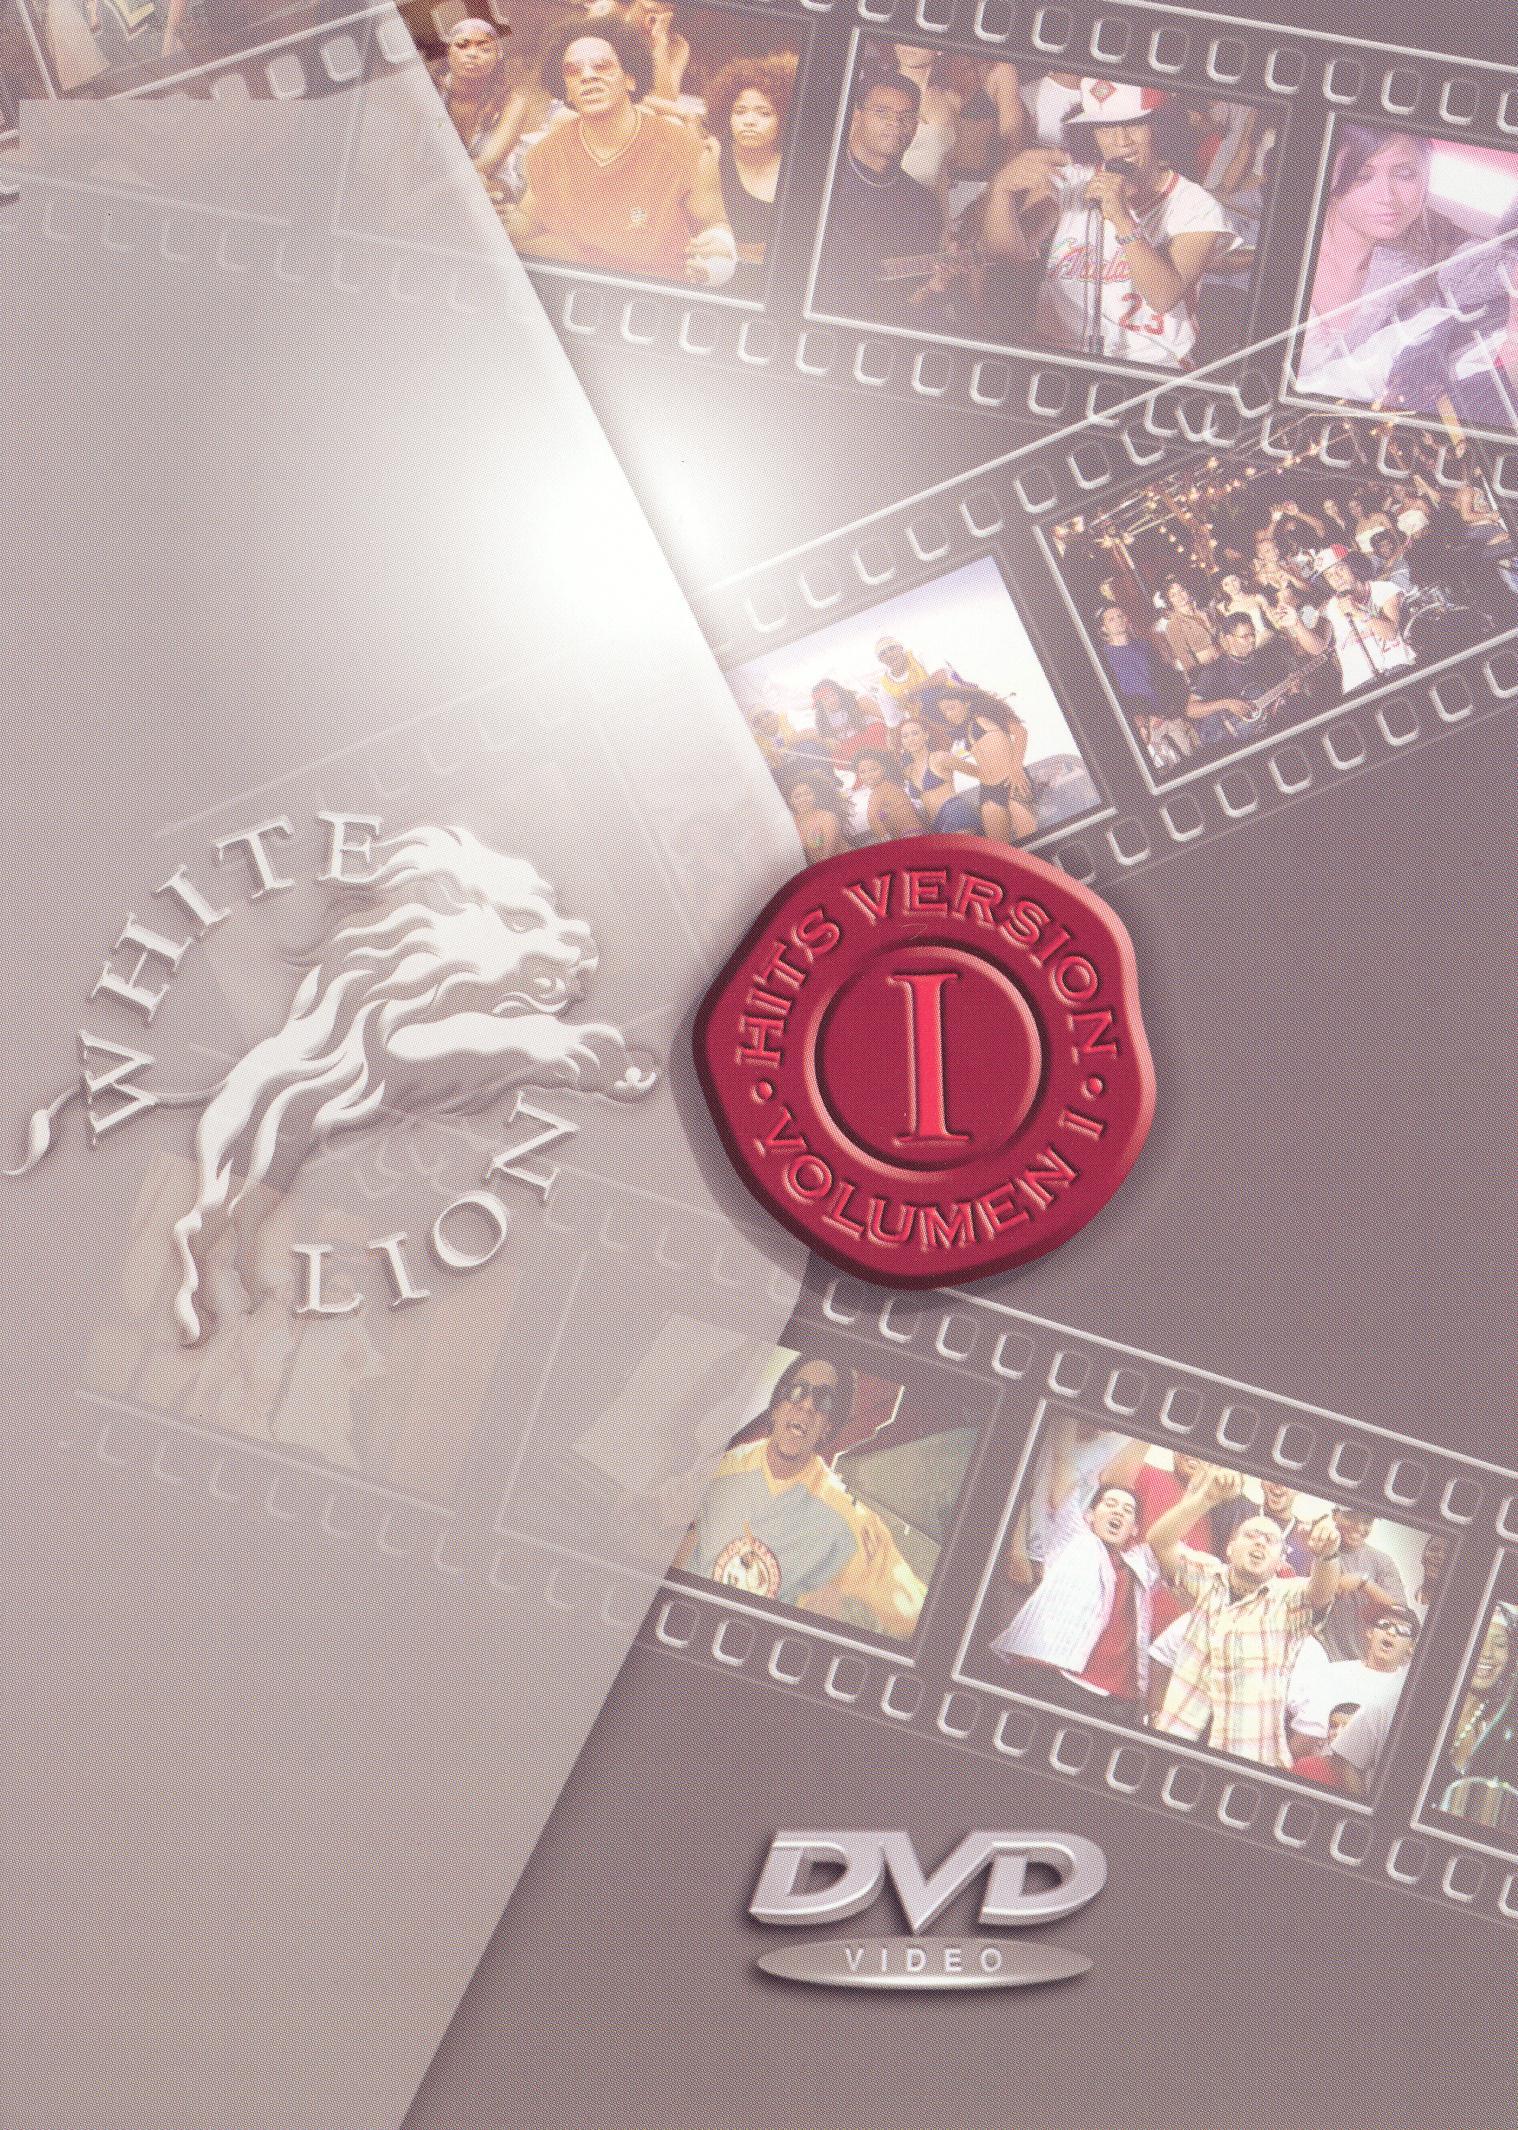 White Lion Hits Version, Vol. 1